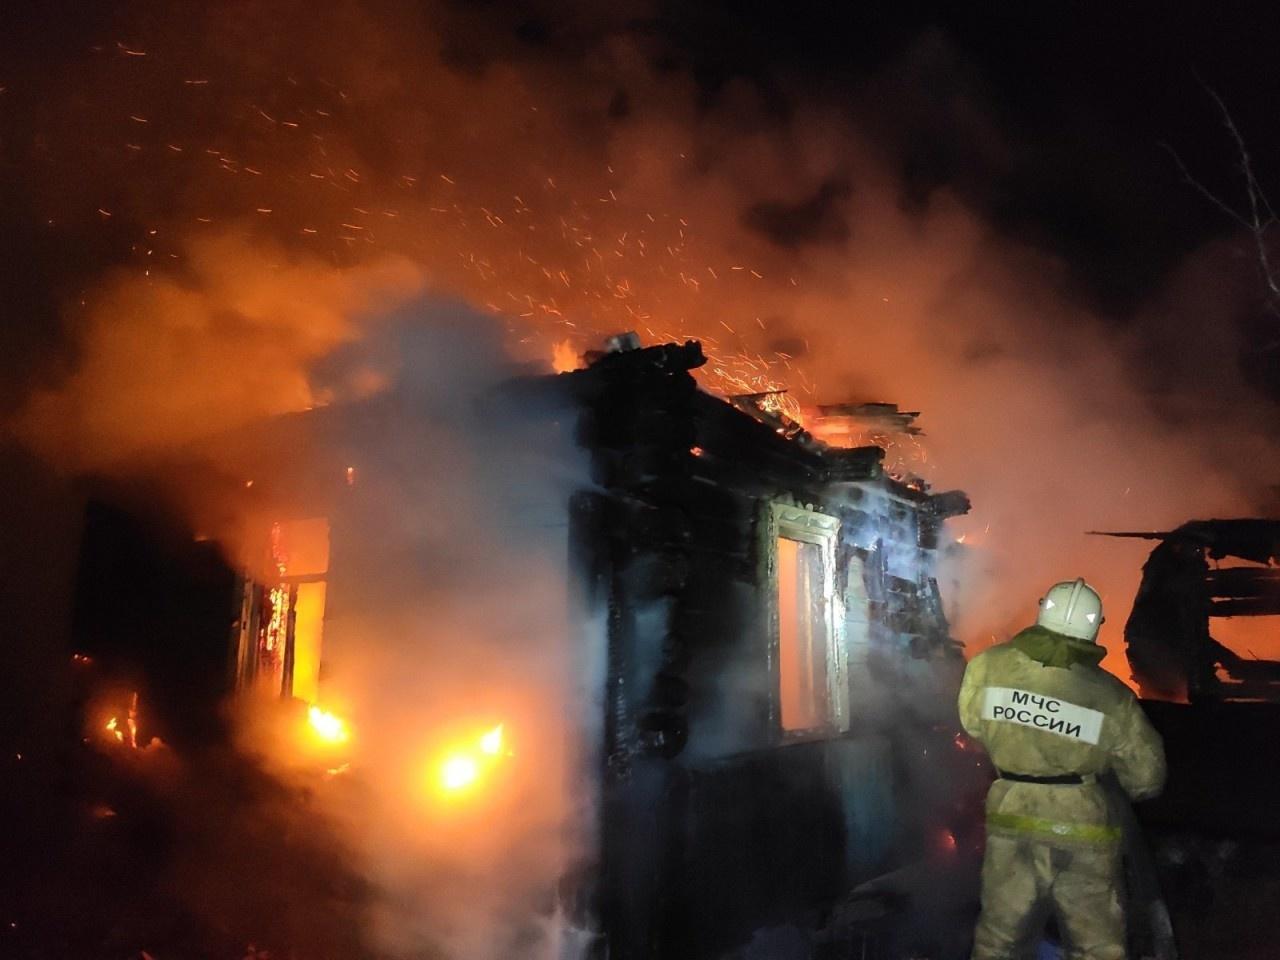 Пожар в жилом доме в городском округе Руза